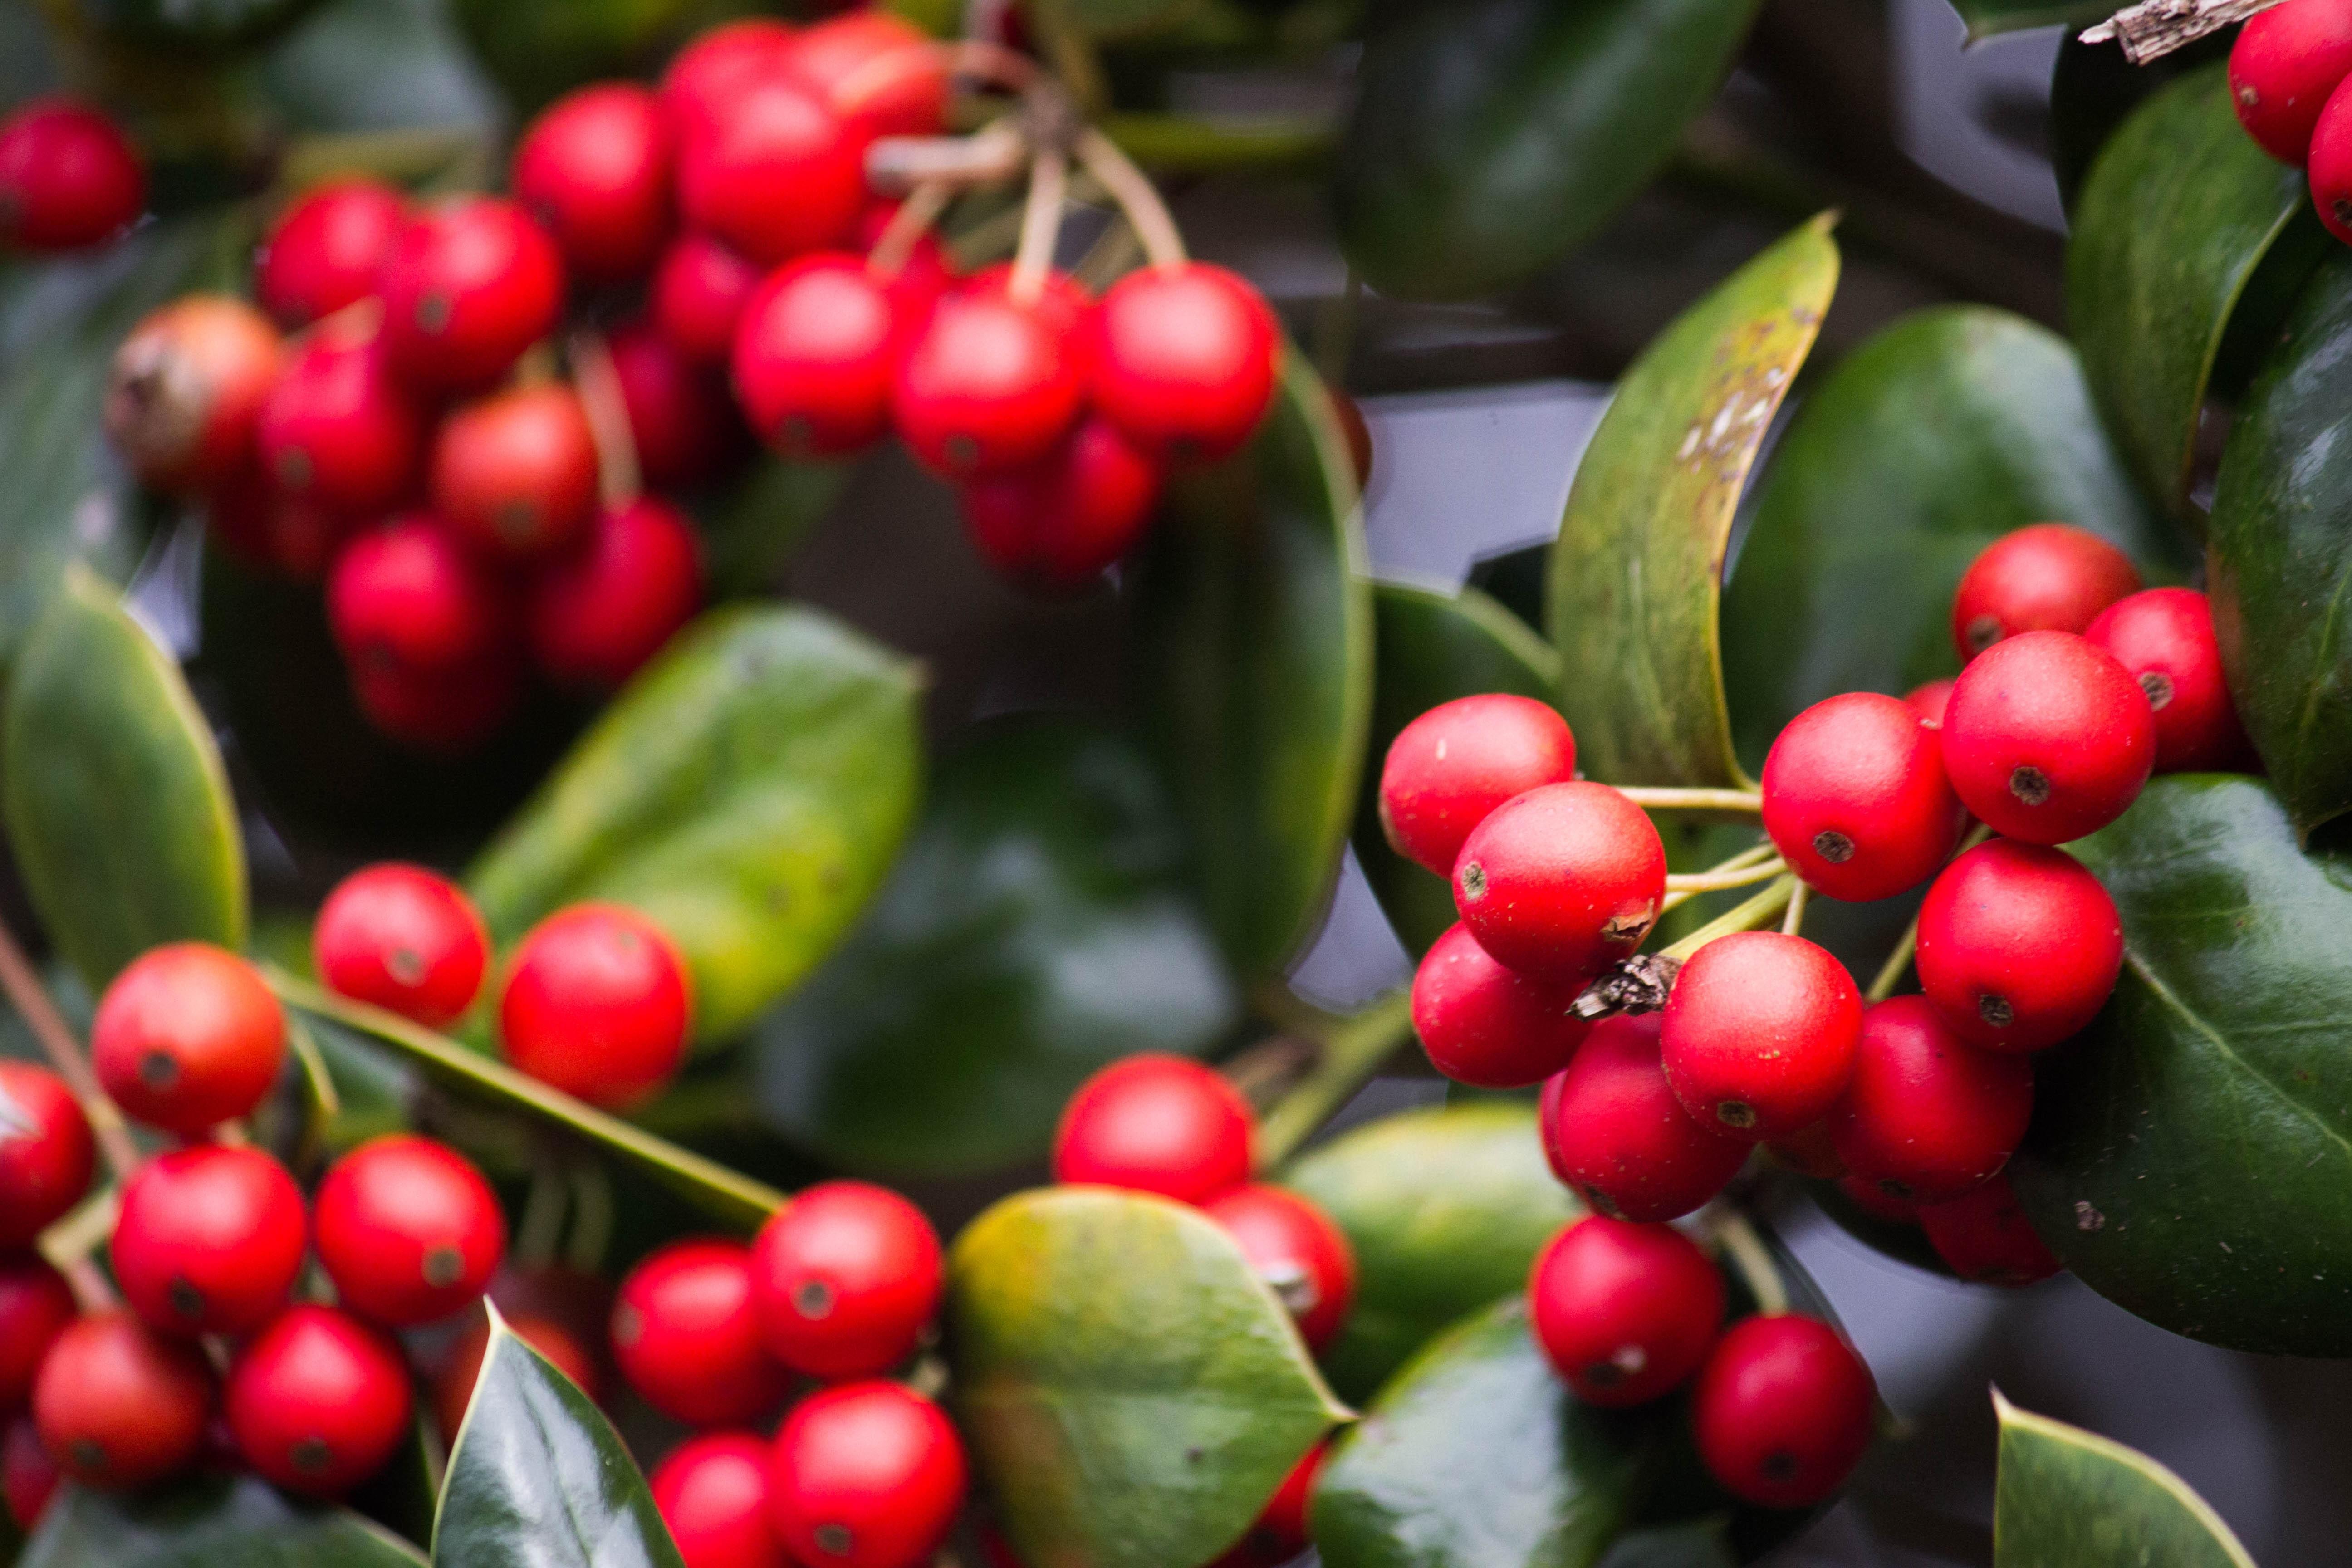 Fotos gratis : árbol, Fruta, baya, flor, decoración, comida, rojo ...